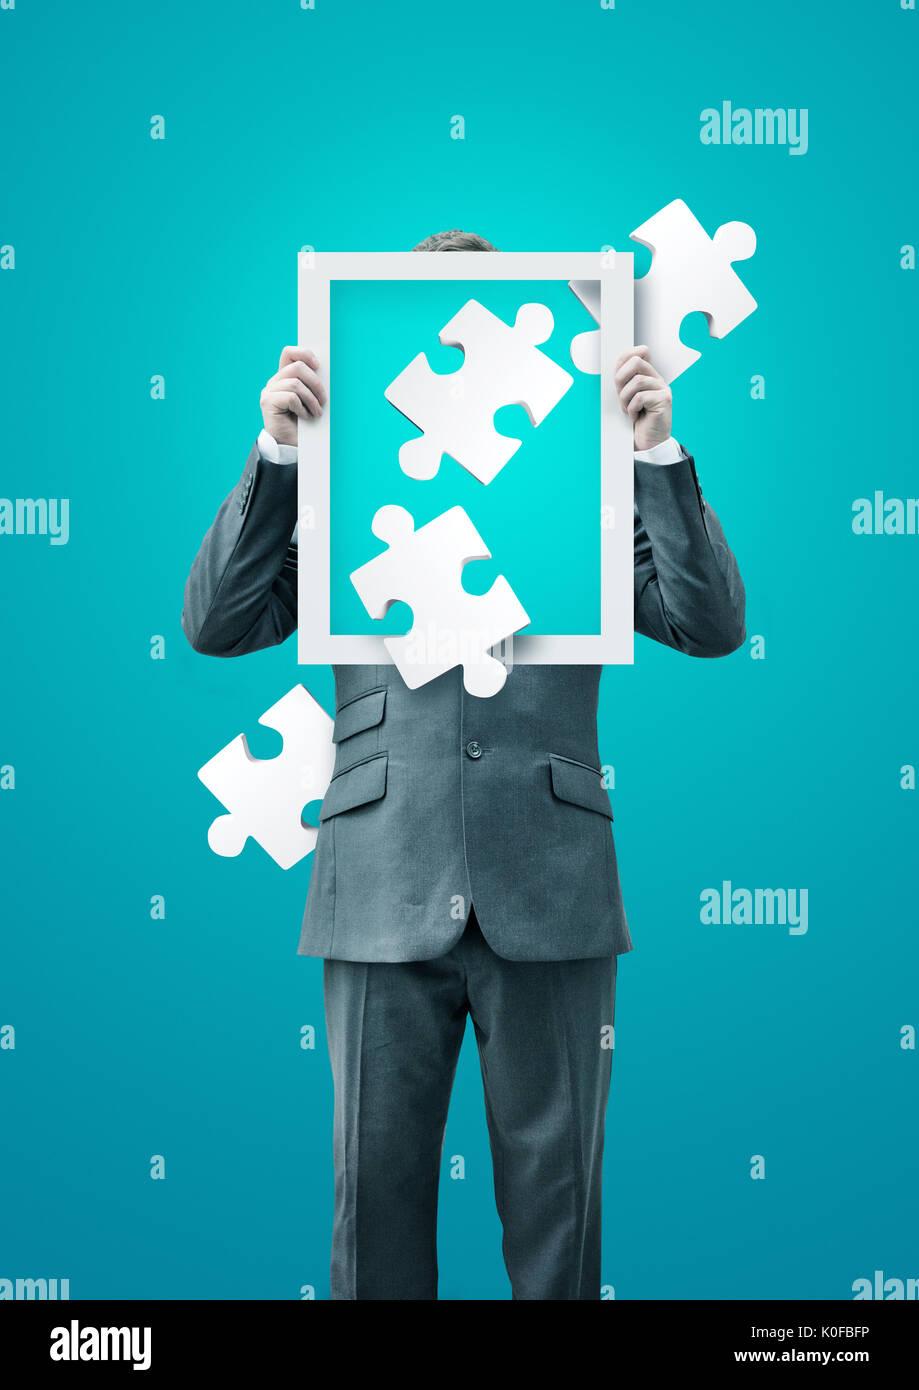 Un desconcertado empresario sosteniendo una armadura con piezas de rompecabezas, concepto empresarial. Imagen De Stock